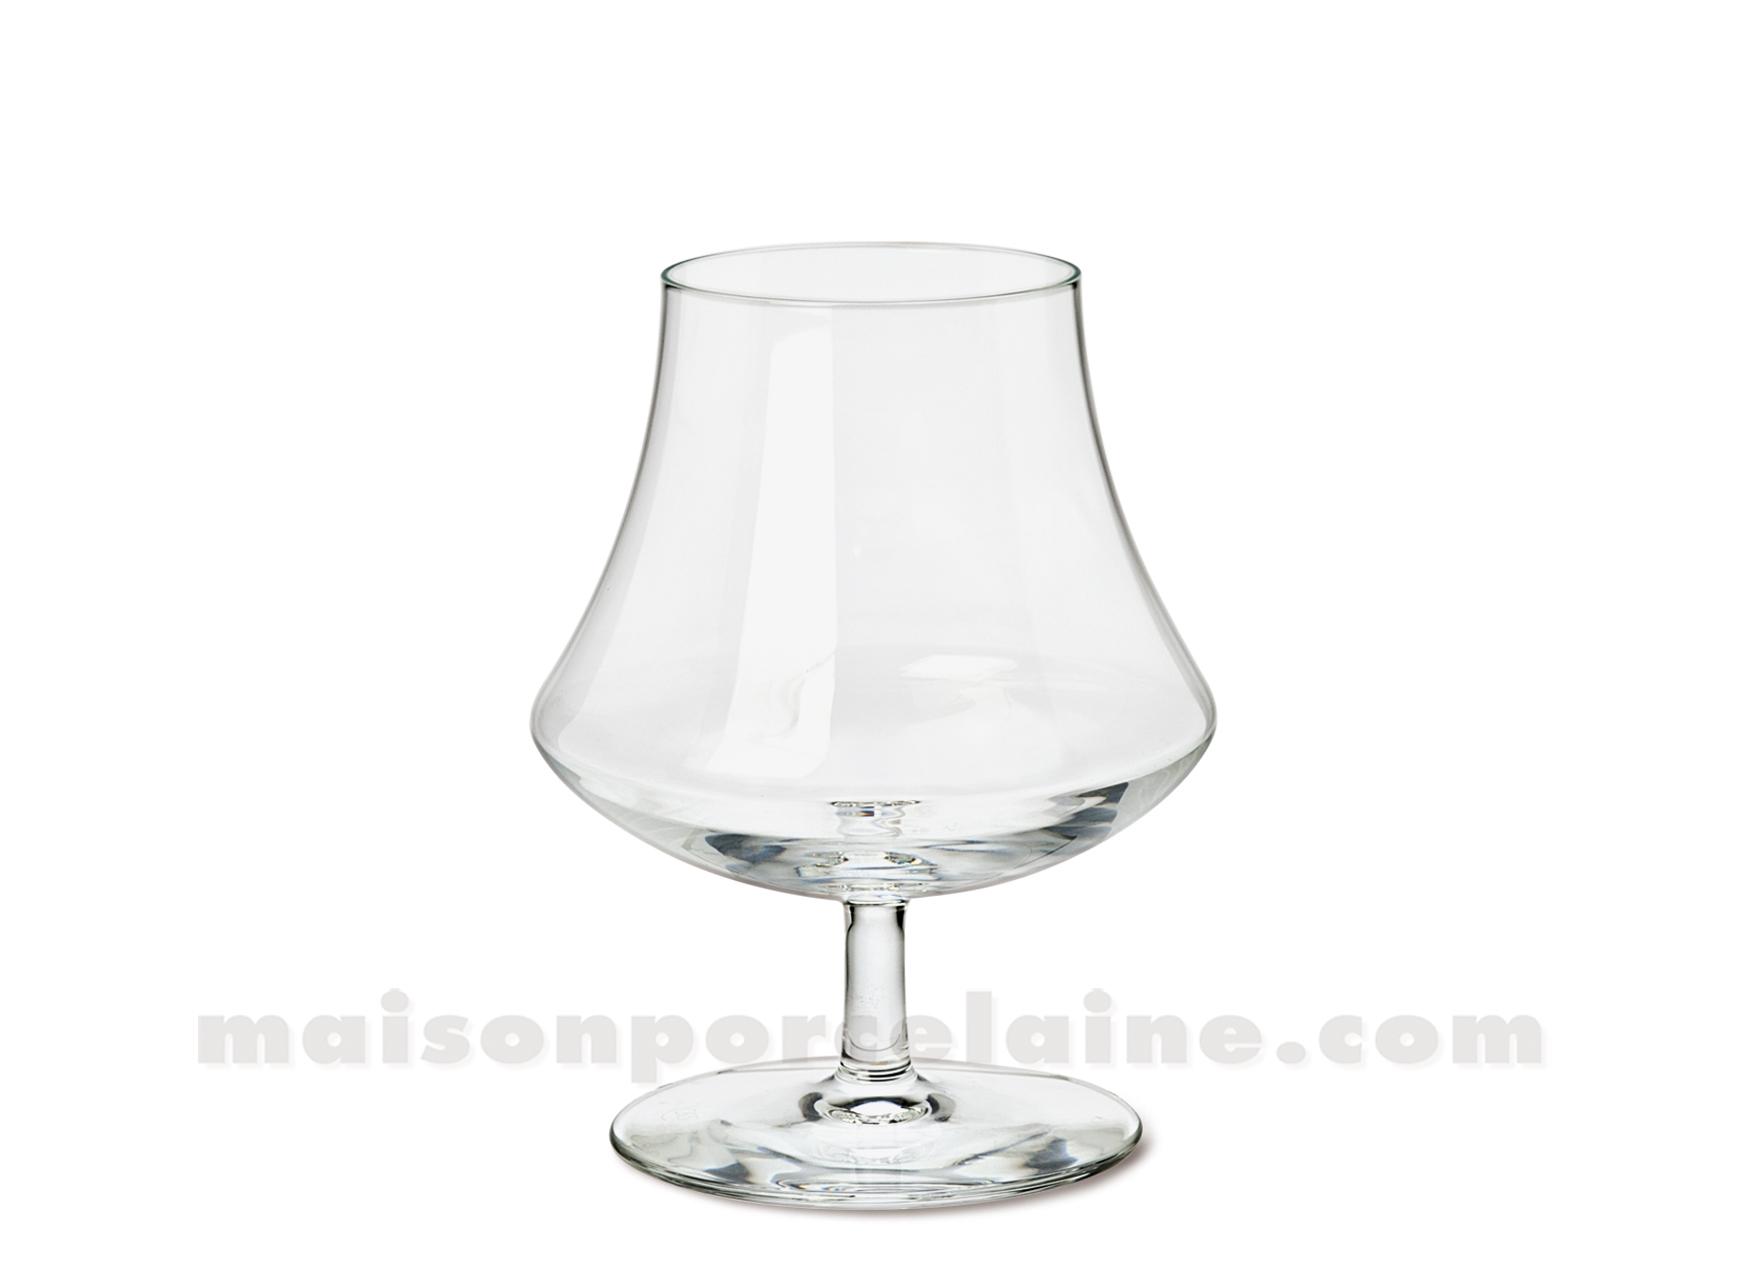 verre a cognac armagnac degustation open up spirit. Black Bedroom Furniture Sets. Home Design Ideas